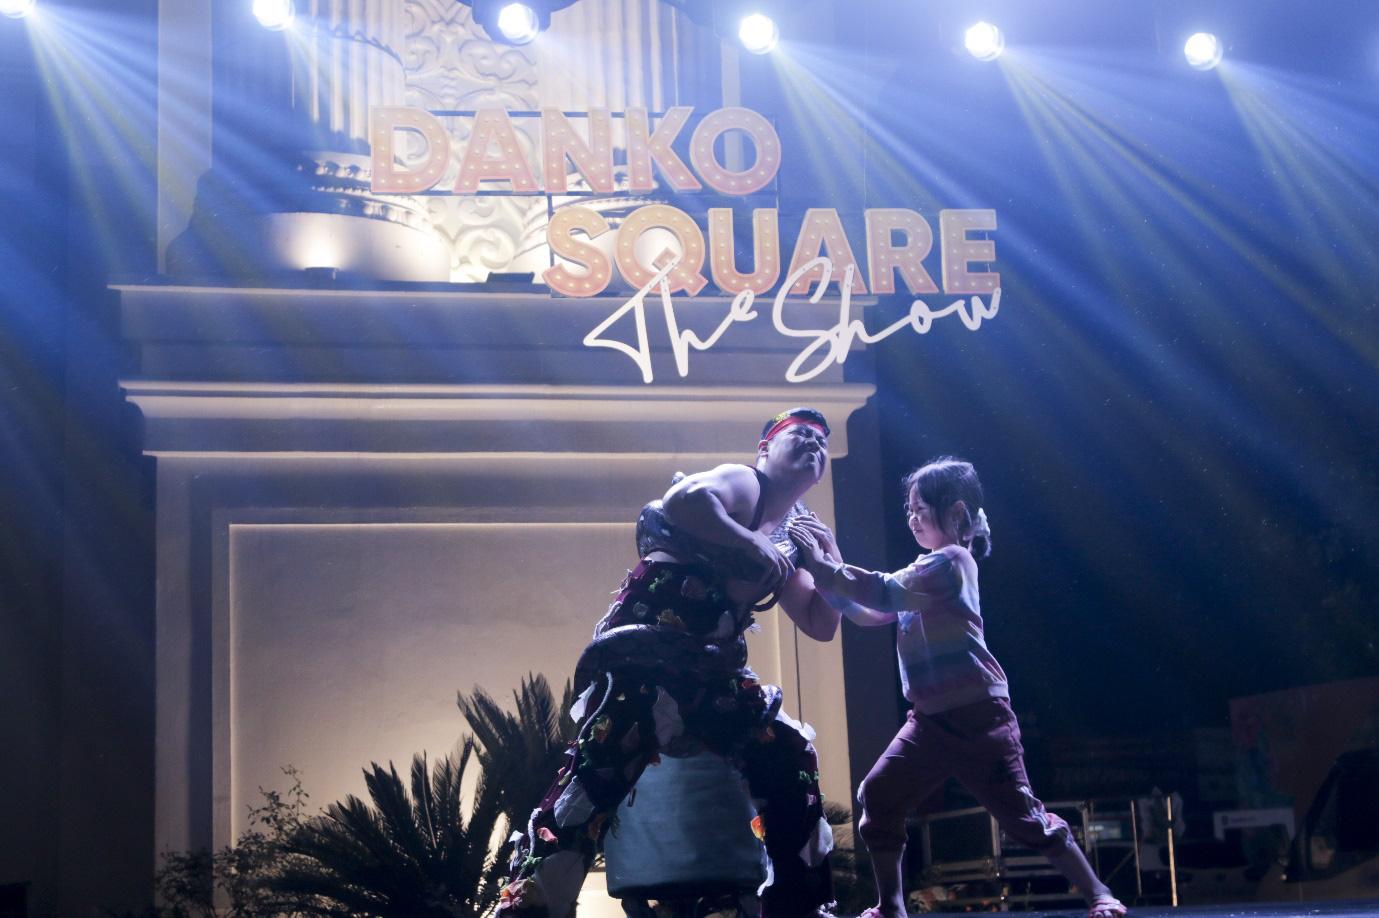 """""""Danko Square – Sắc màu lễ hội Châu Âu"""" rực rỡ chào hè với tinh hoa nghệ thuật xiếc Việt - Ảnh 9."""